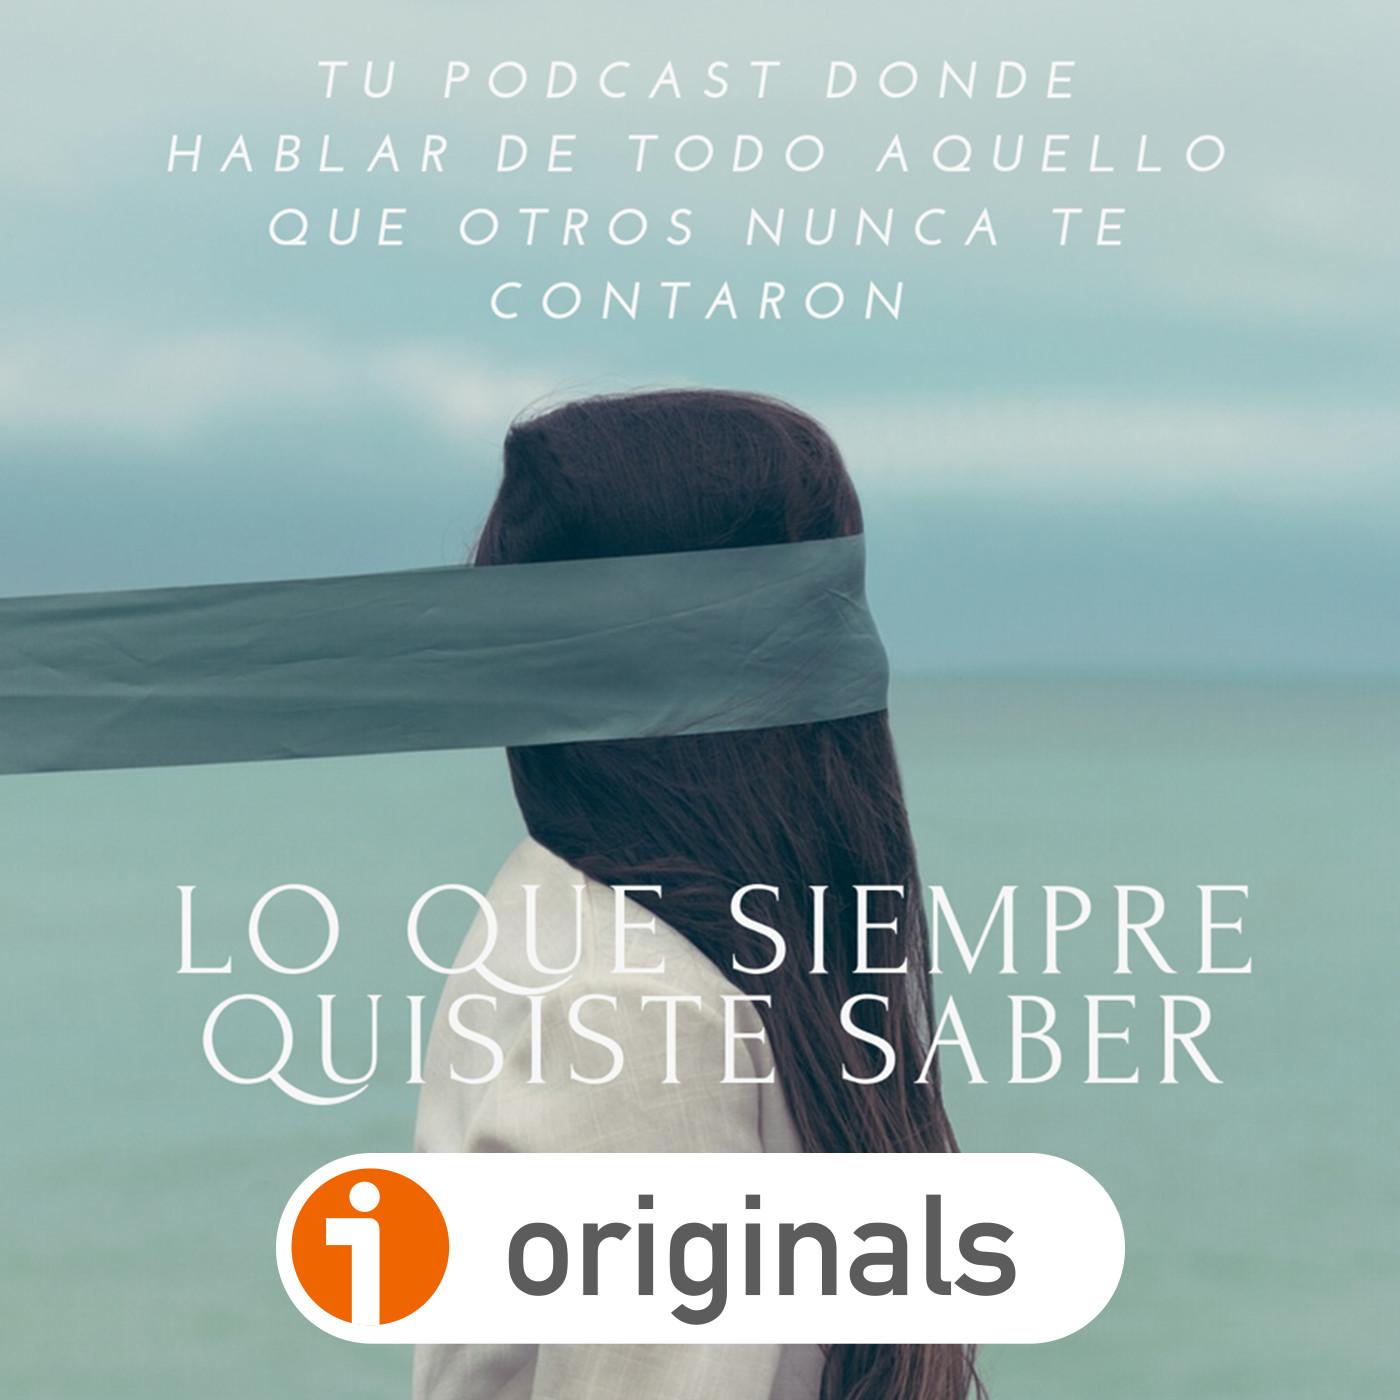 podcasts que nos ayudan a hacer el amor en cuarentena 1